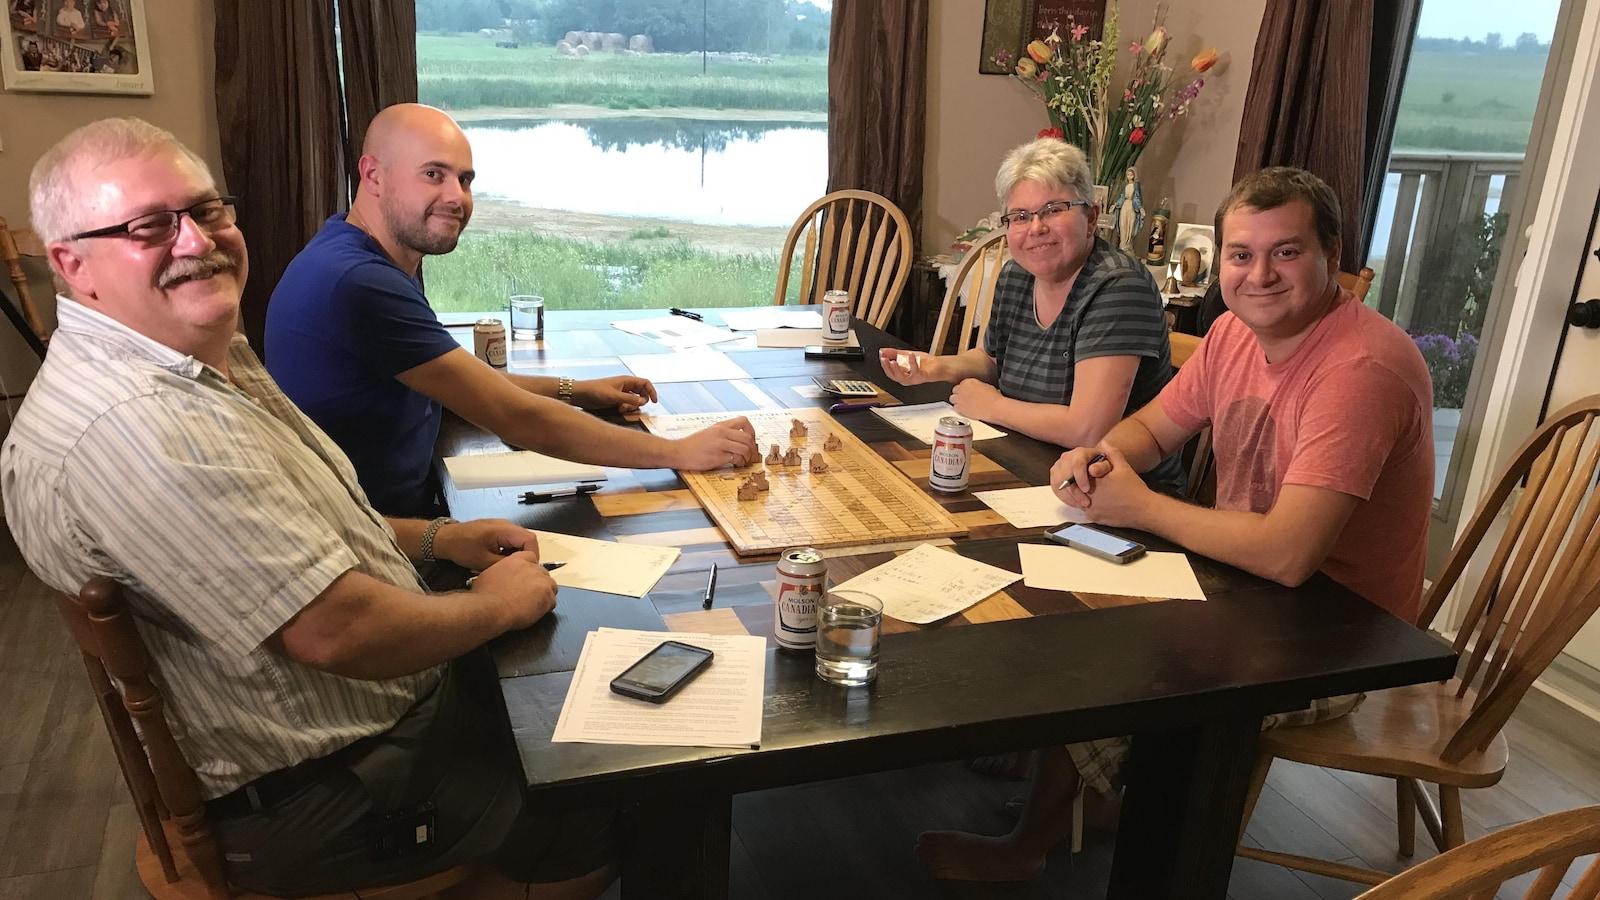 La famille Gareau joue la bourse Gareau autour de la table de cuisine.